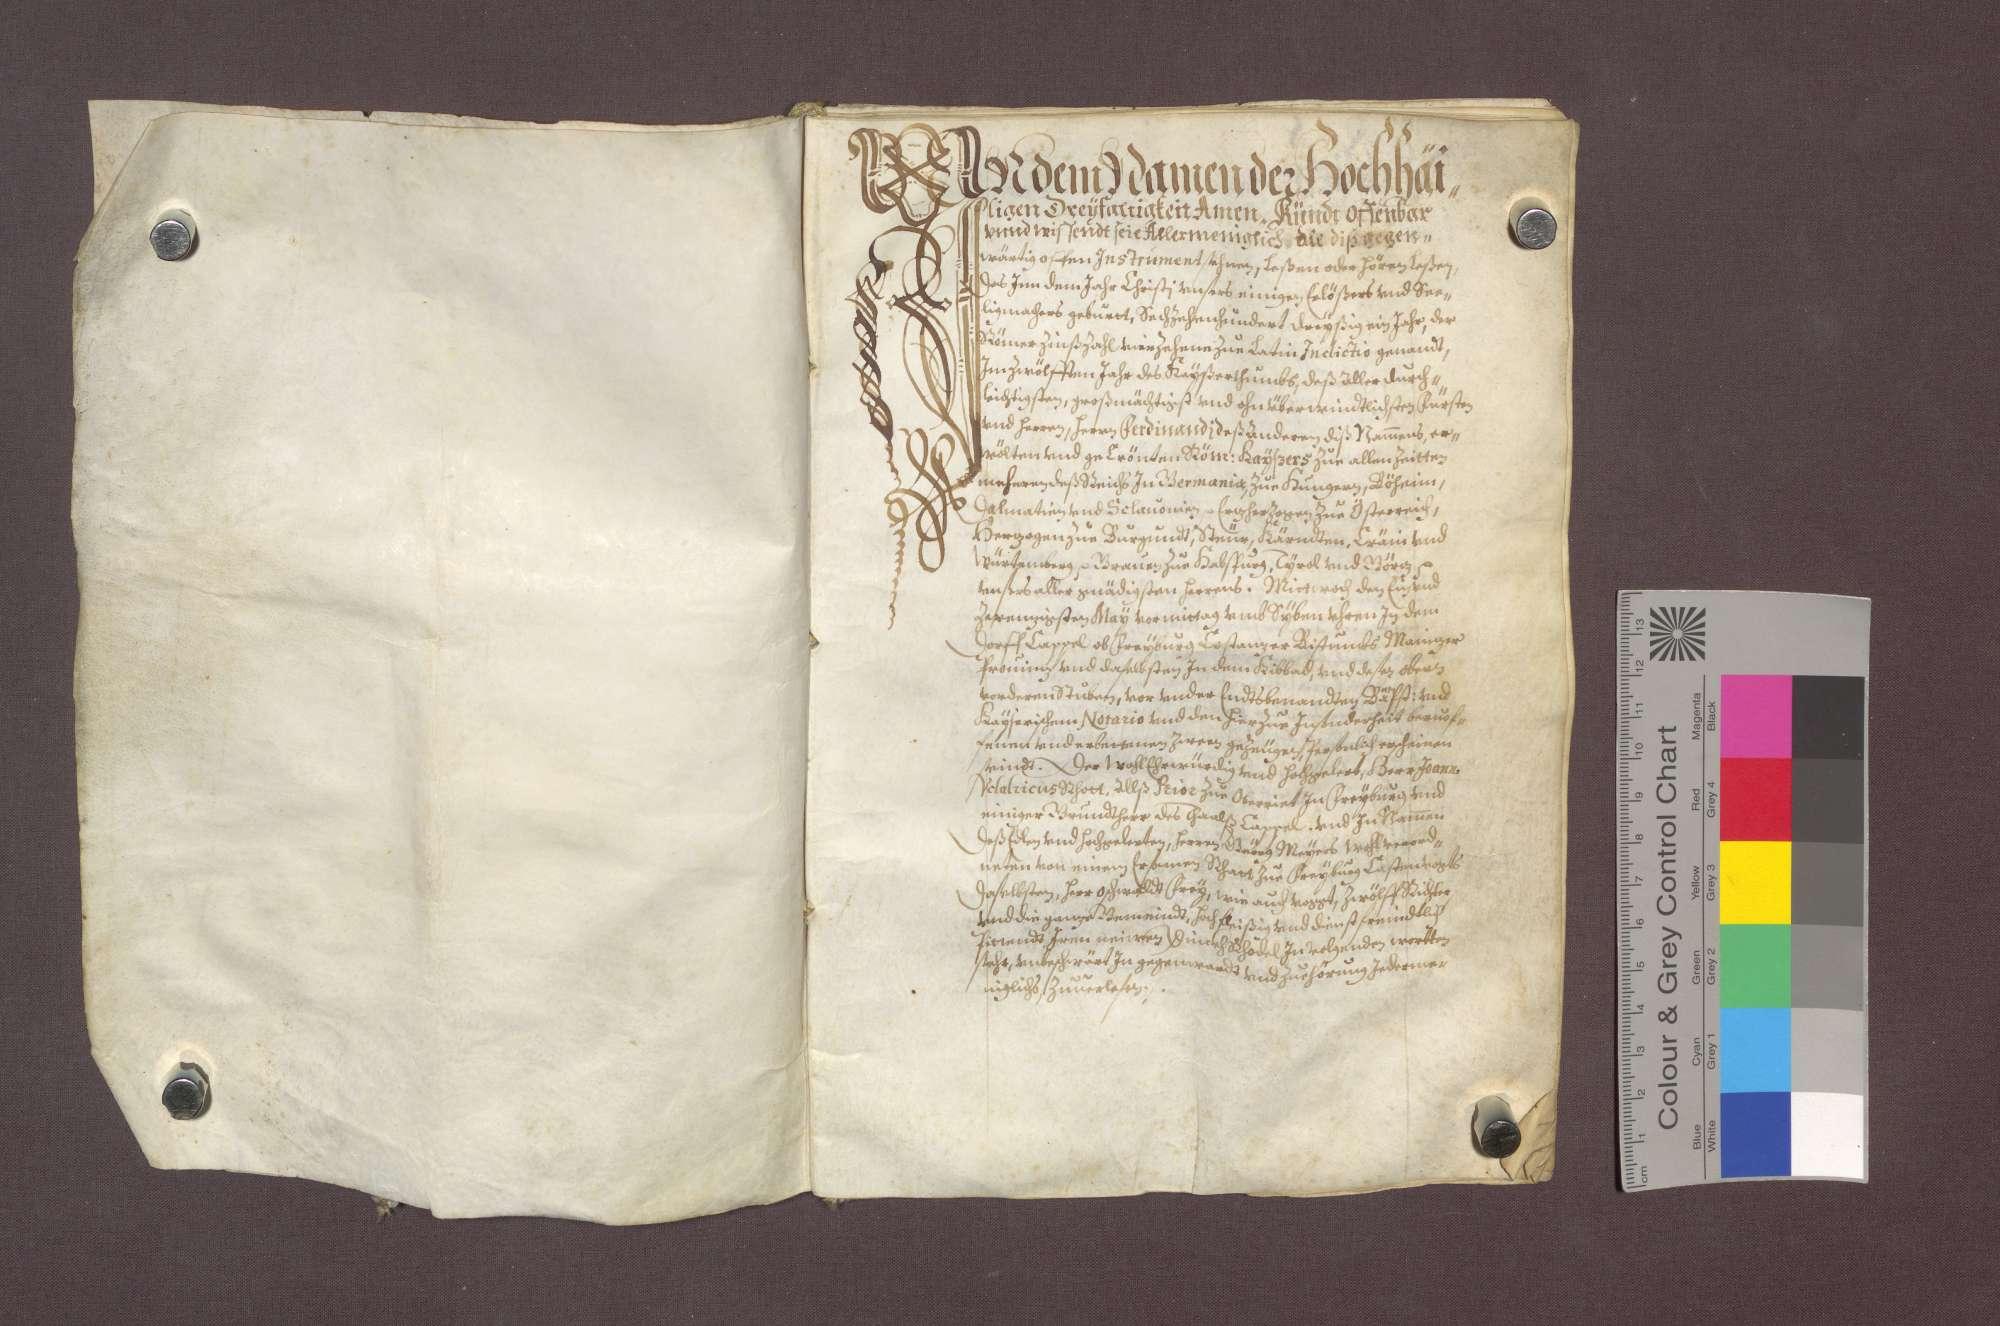 Dingrodel des Klosters Oberried zu Freiburg über das Kappeler Tal., Bild 2